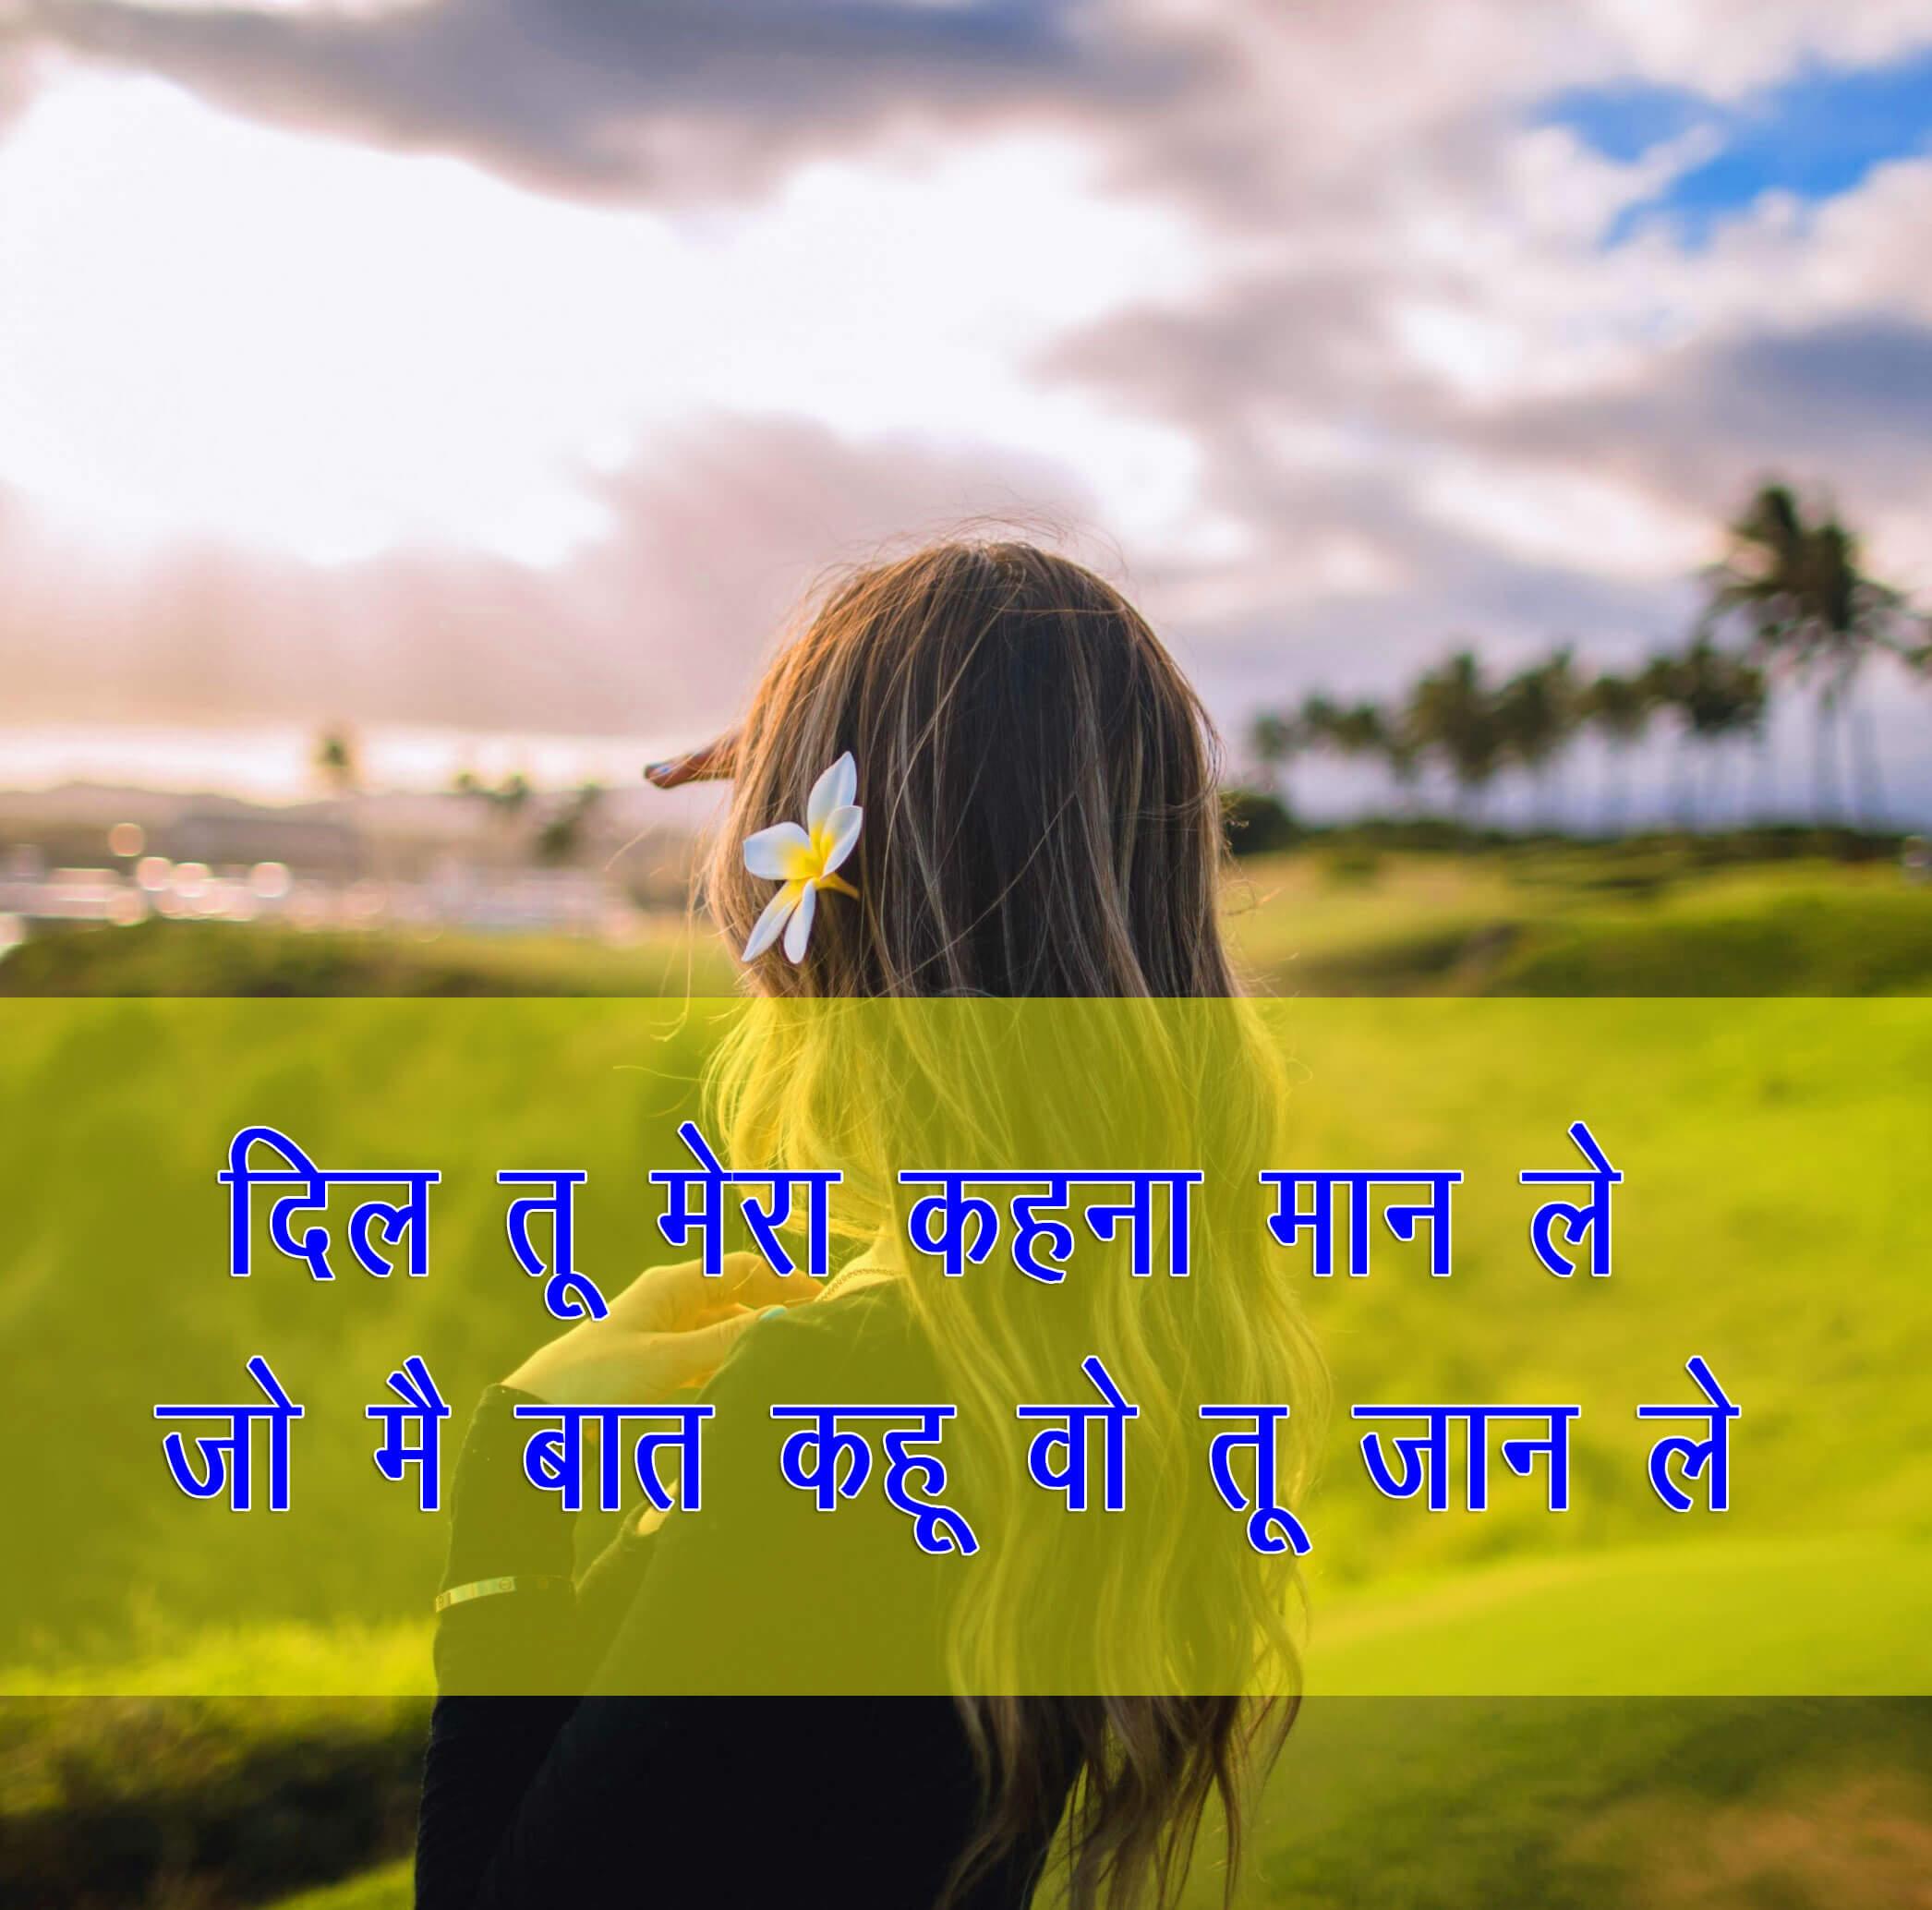 Shayari Love 10